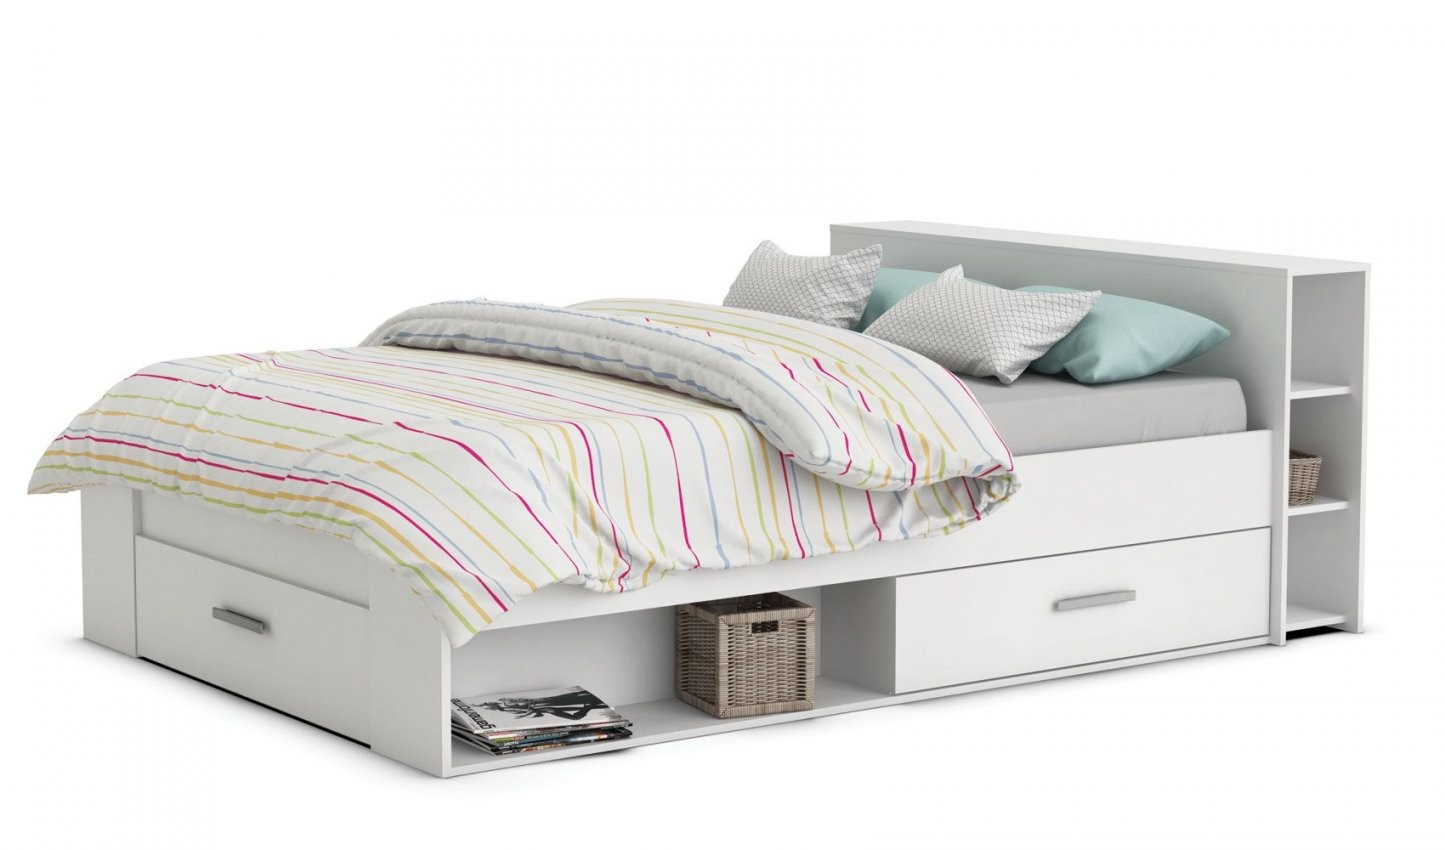 Bett 120X200 Gebraucht Mit Bettkasten Gunstig Billig Poco Holzbett von Otto Betten 120X200 Bild